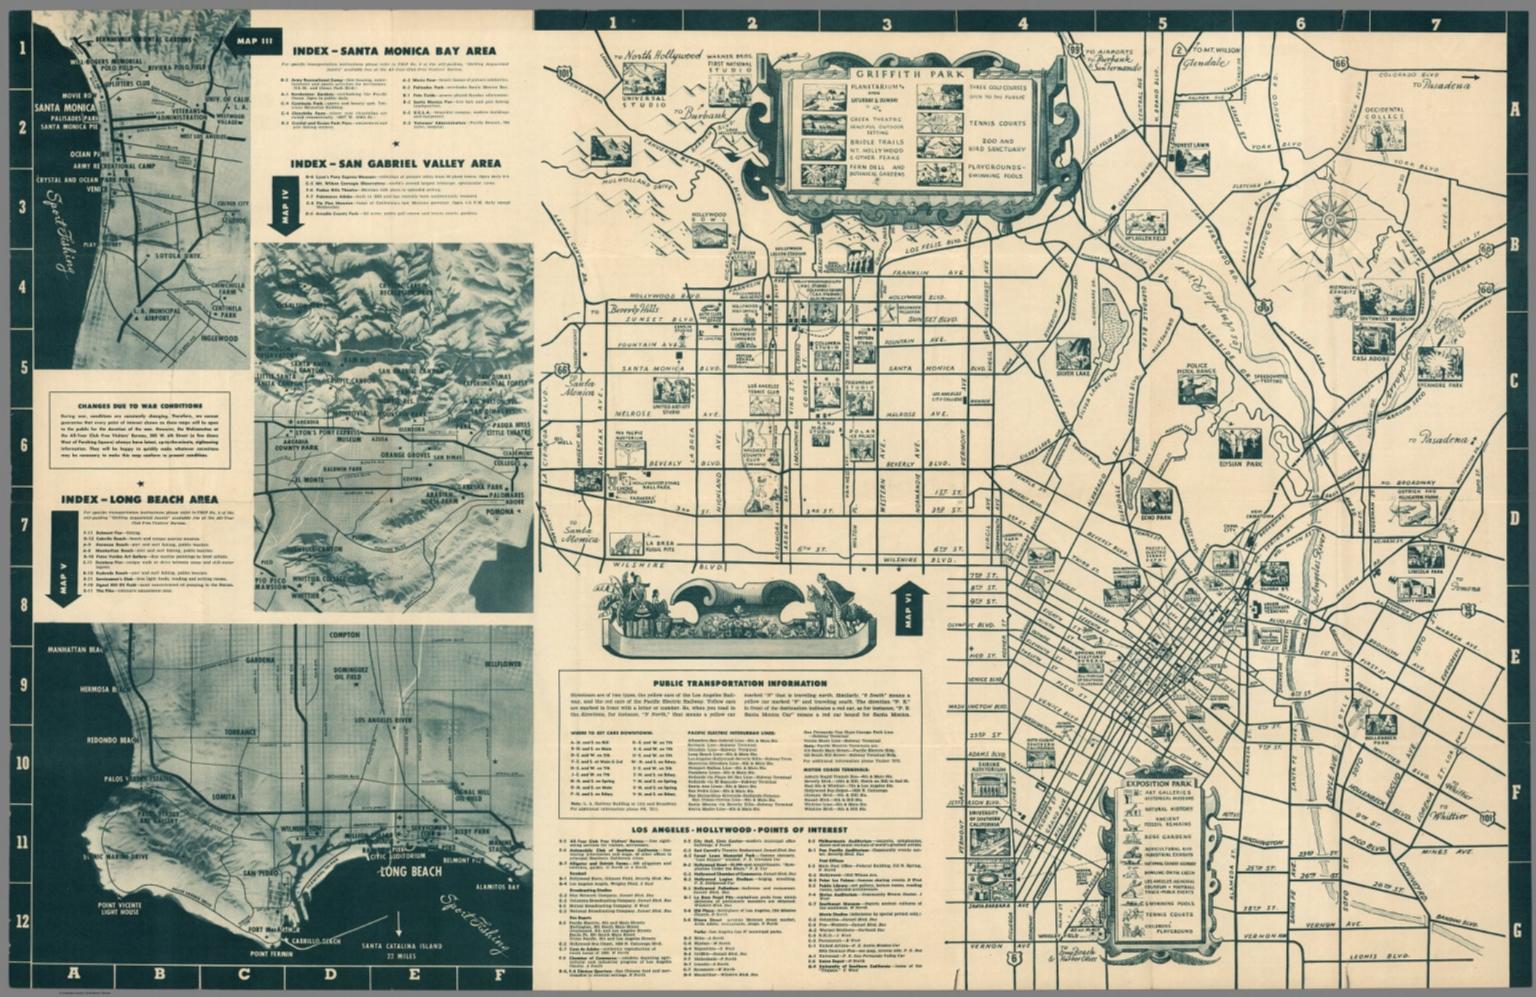 Santa Monica Bay Area San Gabriel Valley Area David Rumsey